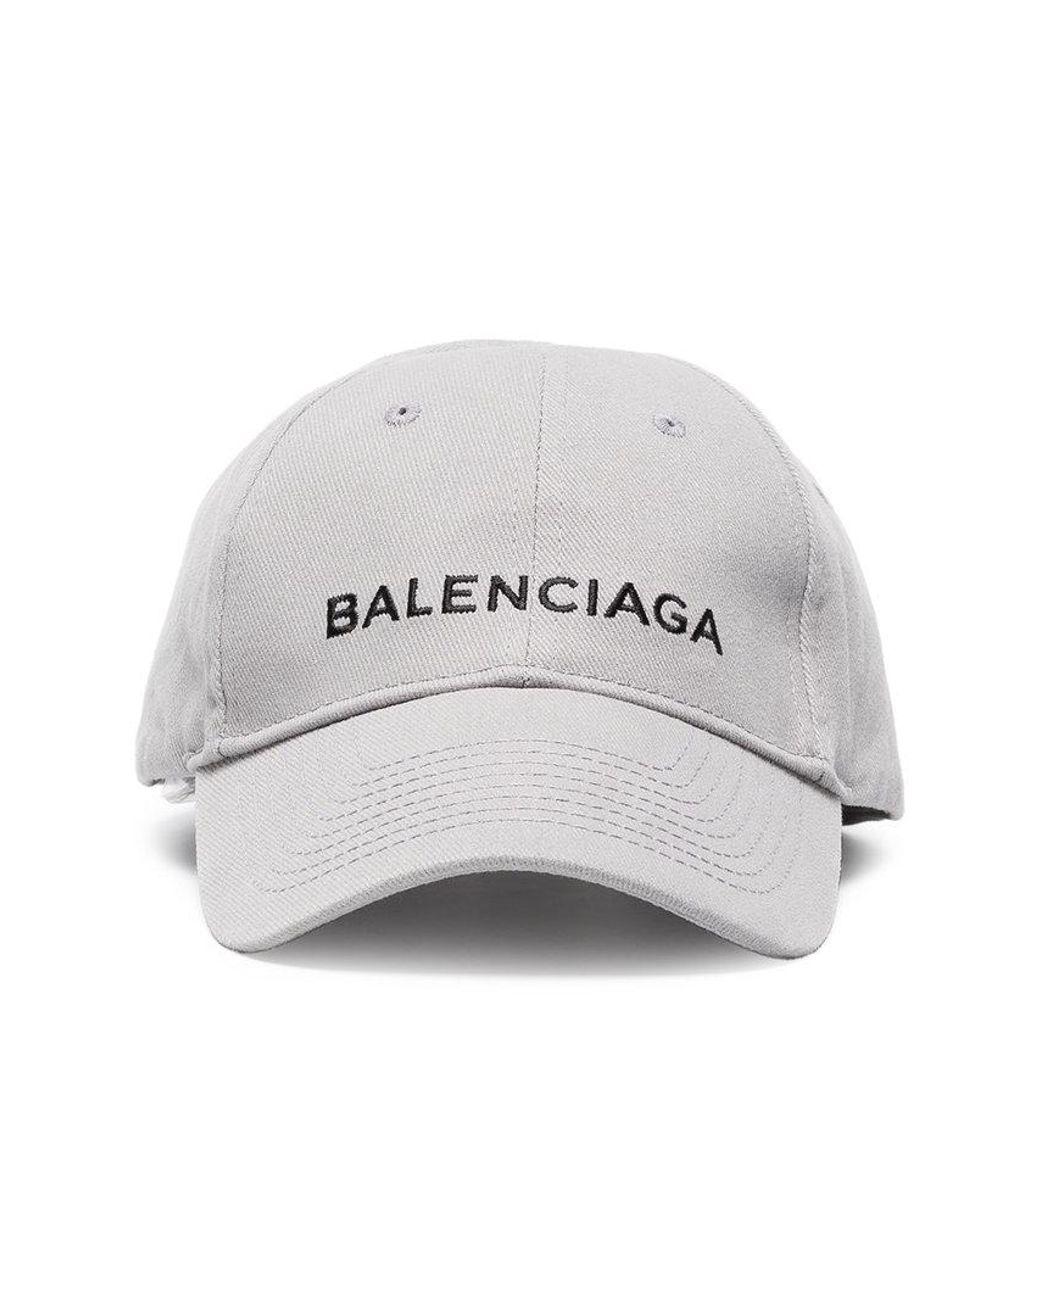 273480e8e62 Balenciaga Grey Cap With Black Logo in Gray - Save 10% - Lyst